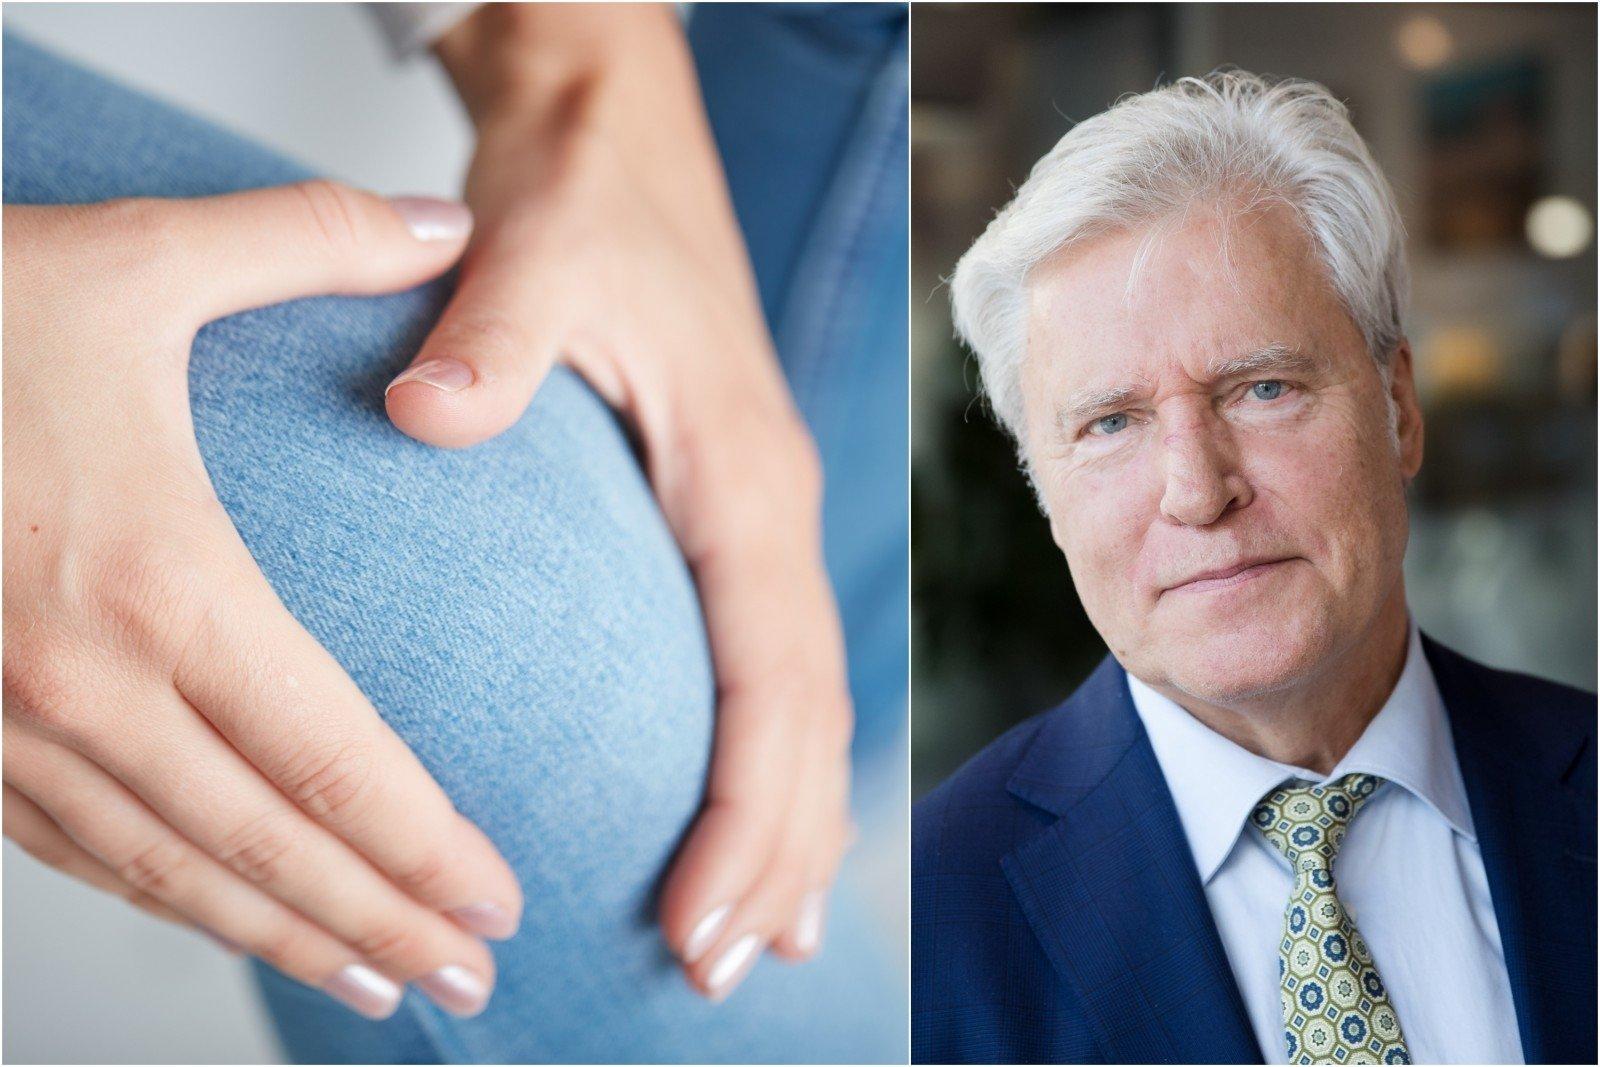 sąnariai skauda ką daryti skausmas alkūnės sąnario išorėje lankstymo ir pratęsimo